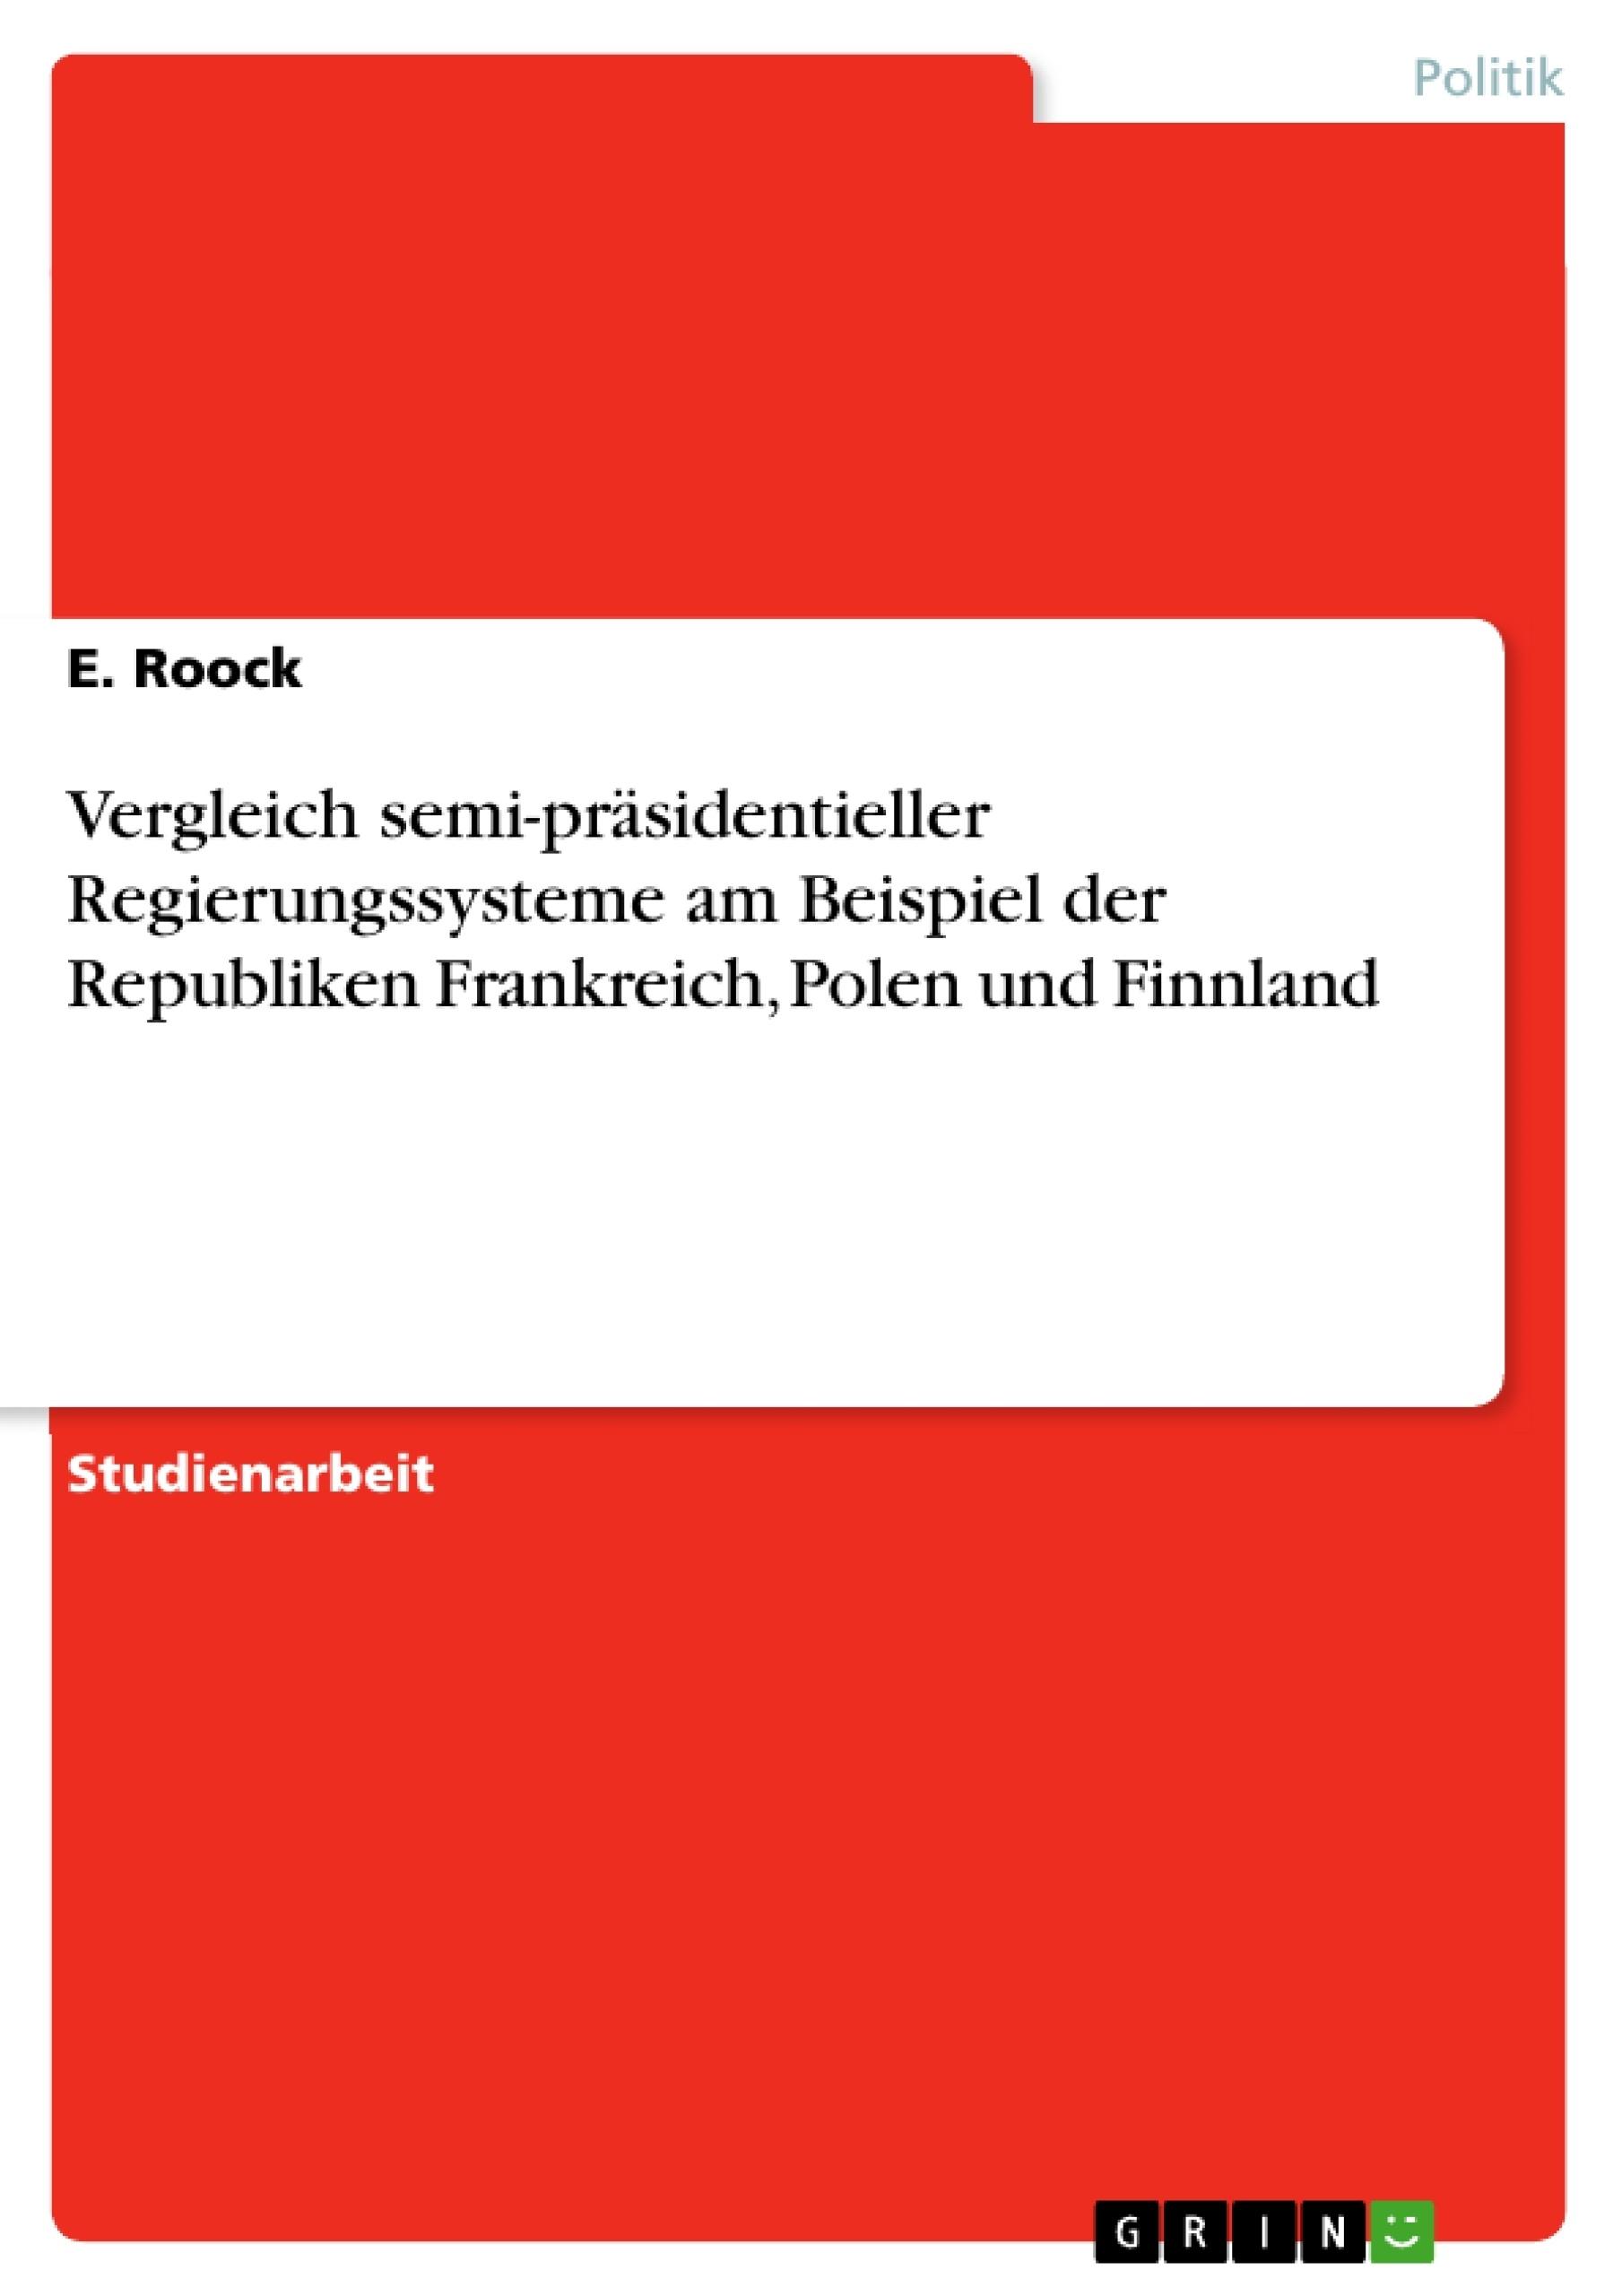 Titel: Vergleich semi-präsidentieller Regierungssysteme am Beispiel der Republiken Frankreich, Polen und Finnland